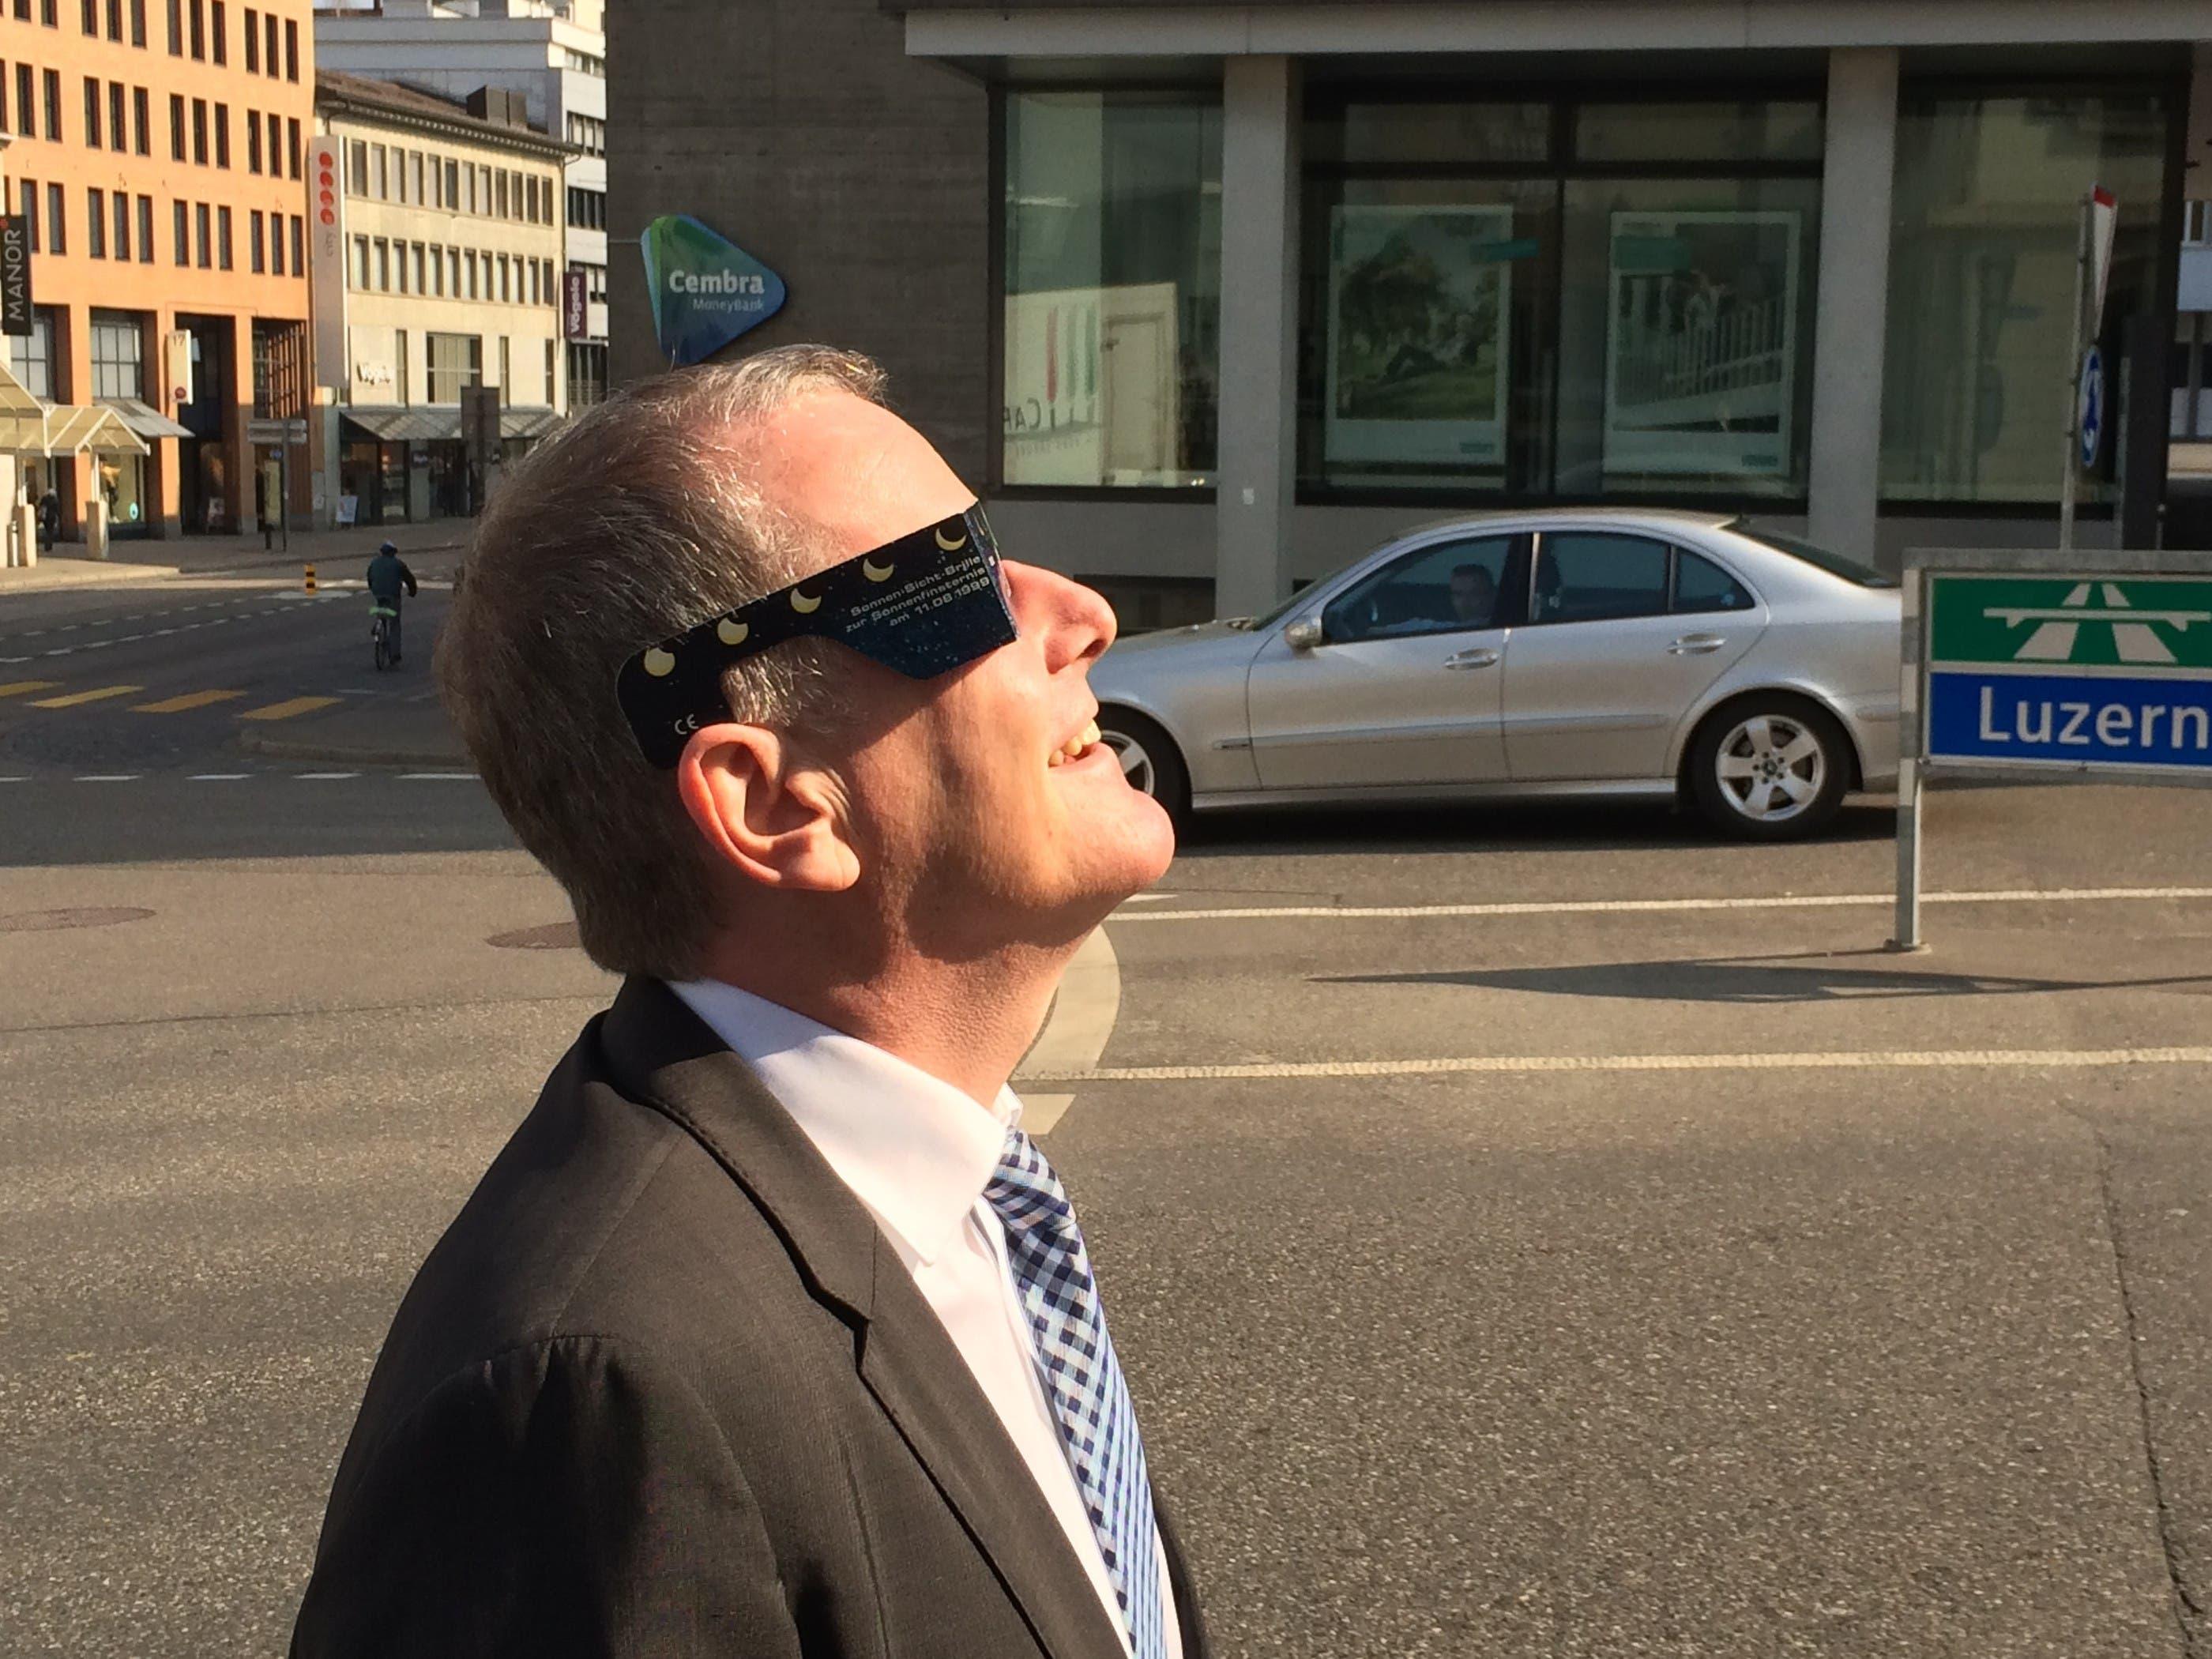 Aargauer Baudirektor Attiger schaut sich Sonnenfinsternis beim Aargauerplatz an